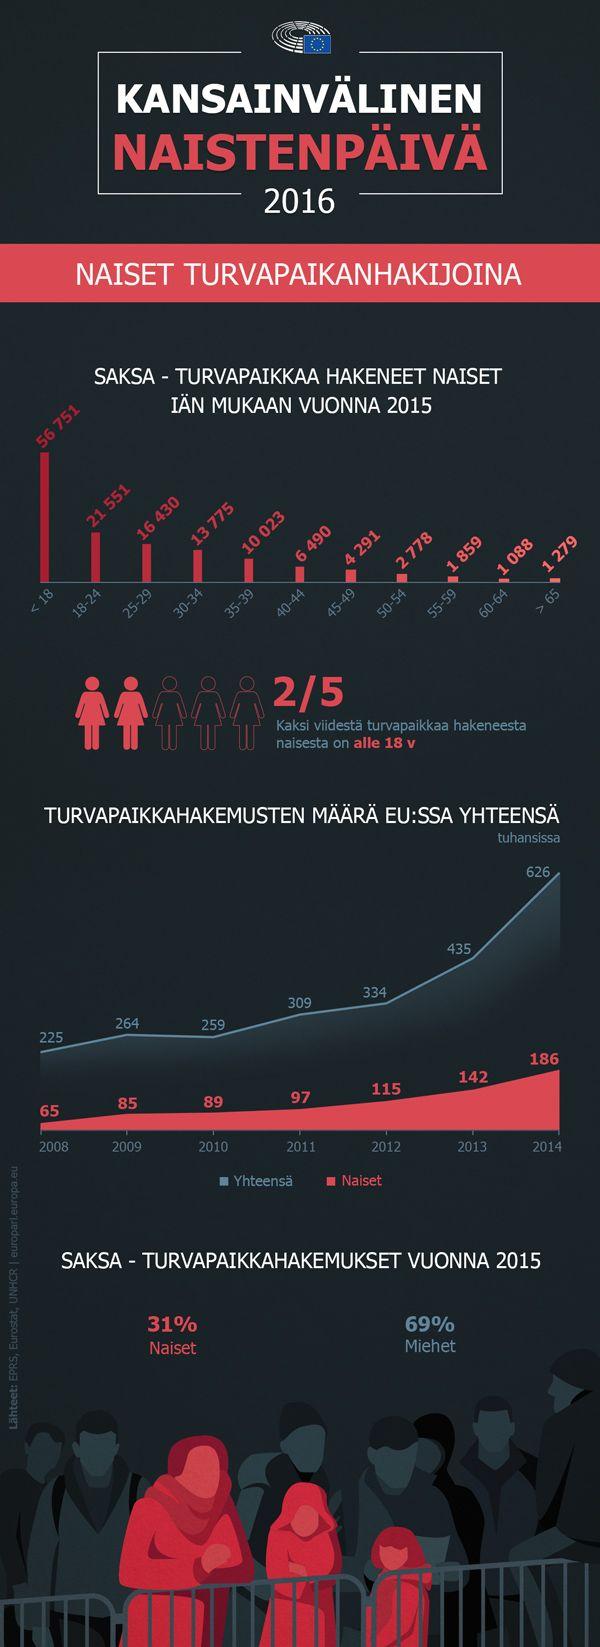 Naiset turvapaikanhakijoina: Kaksi viidestä tulleesta naisesta alaikäisiä